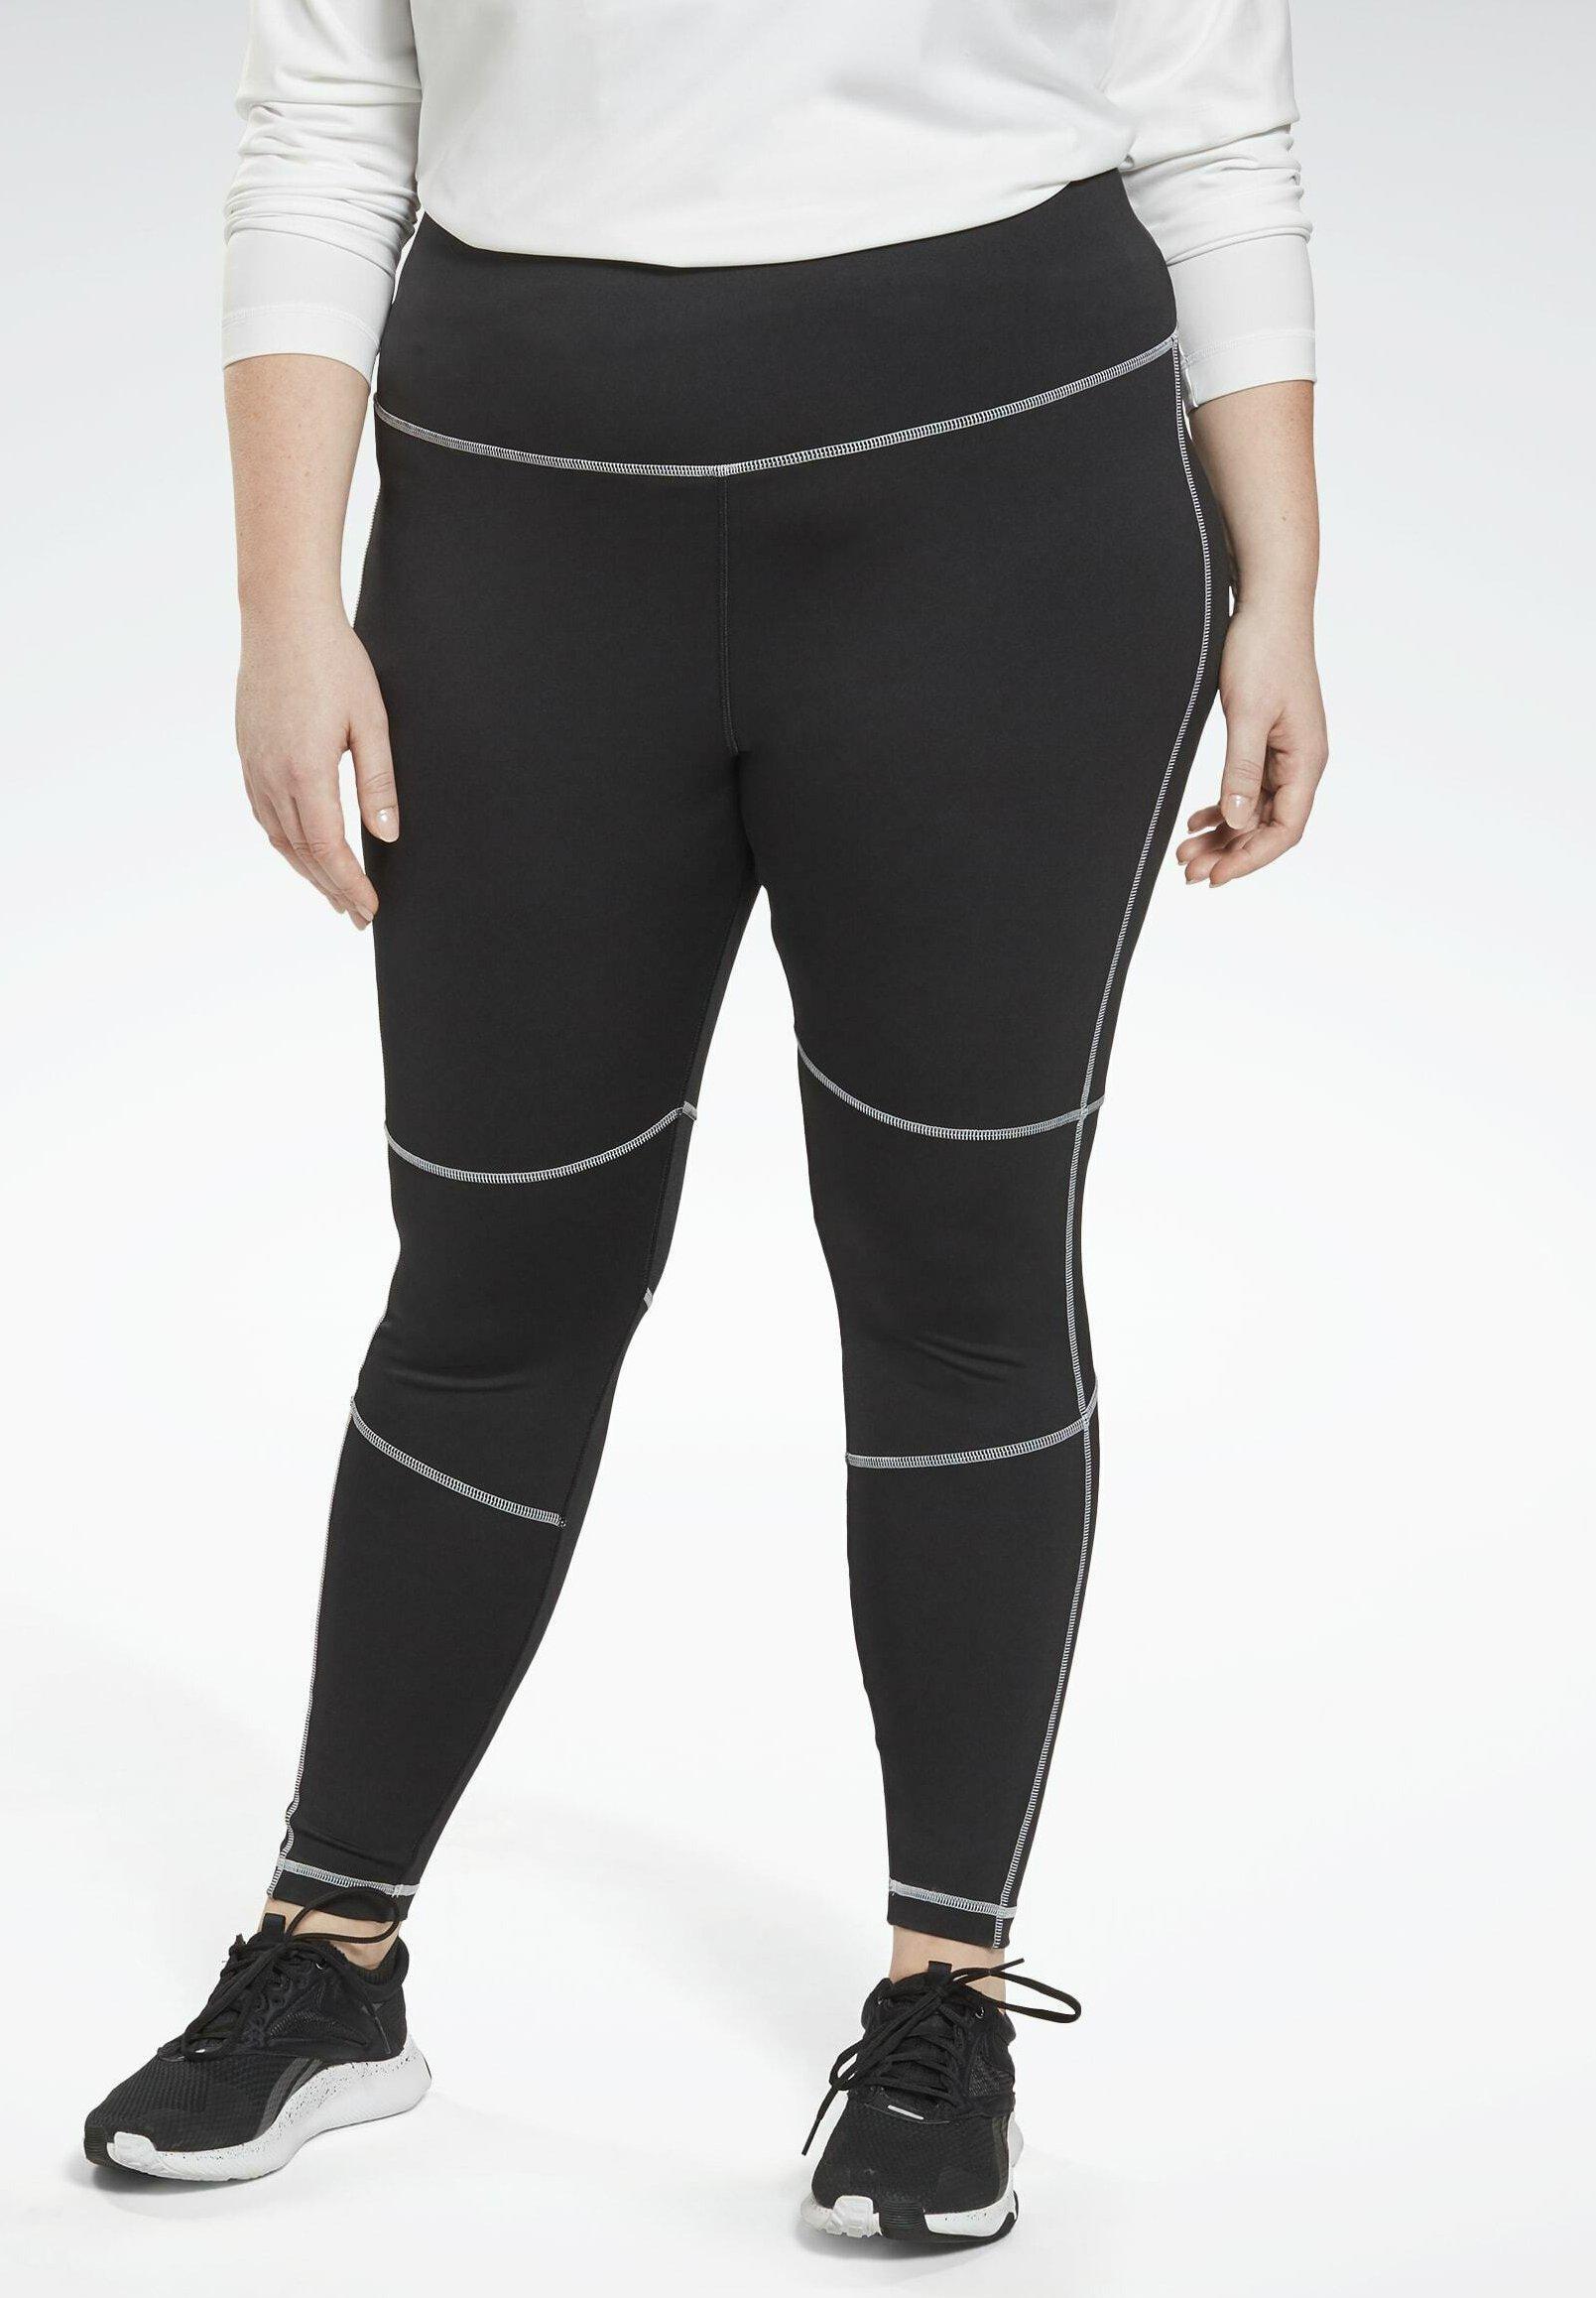 Women WORKOUT READY HIGH-RISE DETAIL LEGGINGS (PLUS SIZE) - Leggings